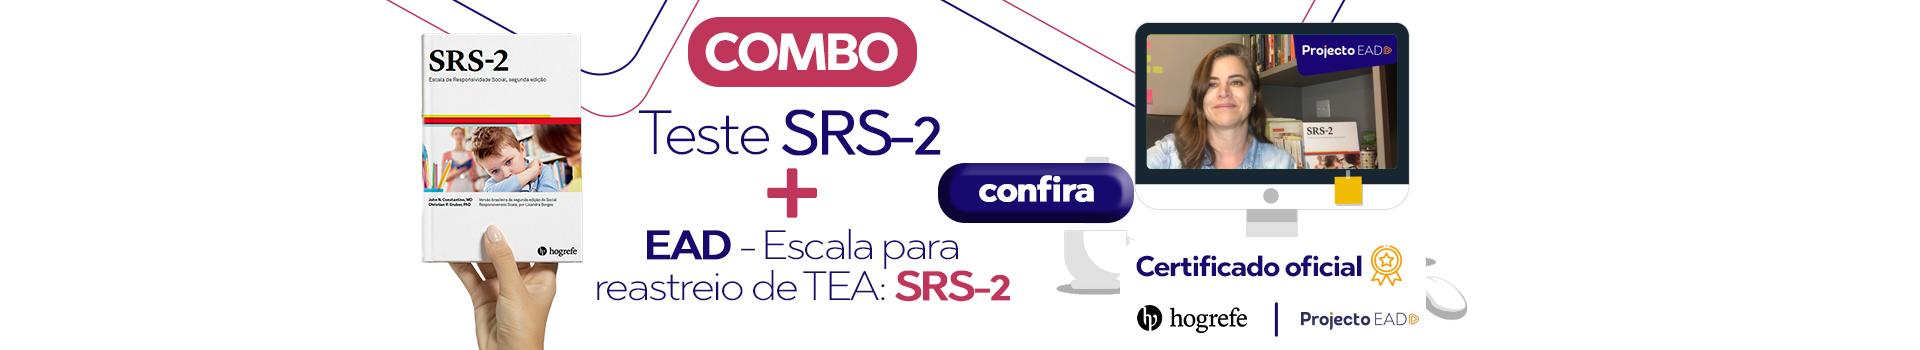 combo srs-2